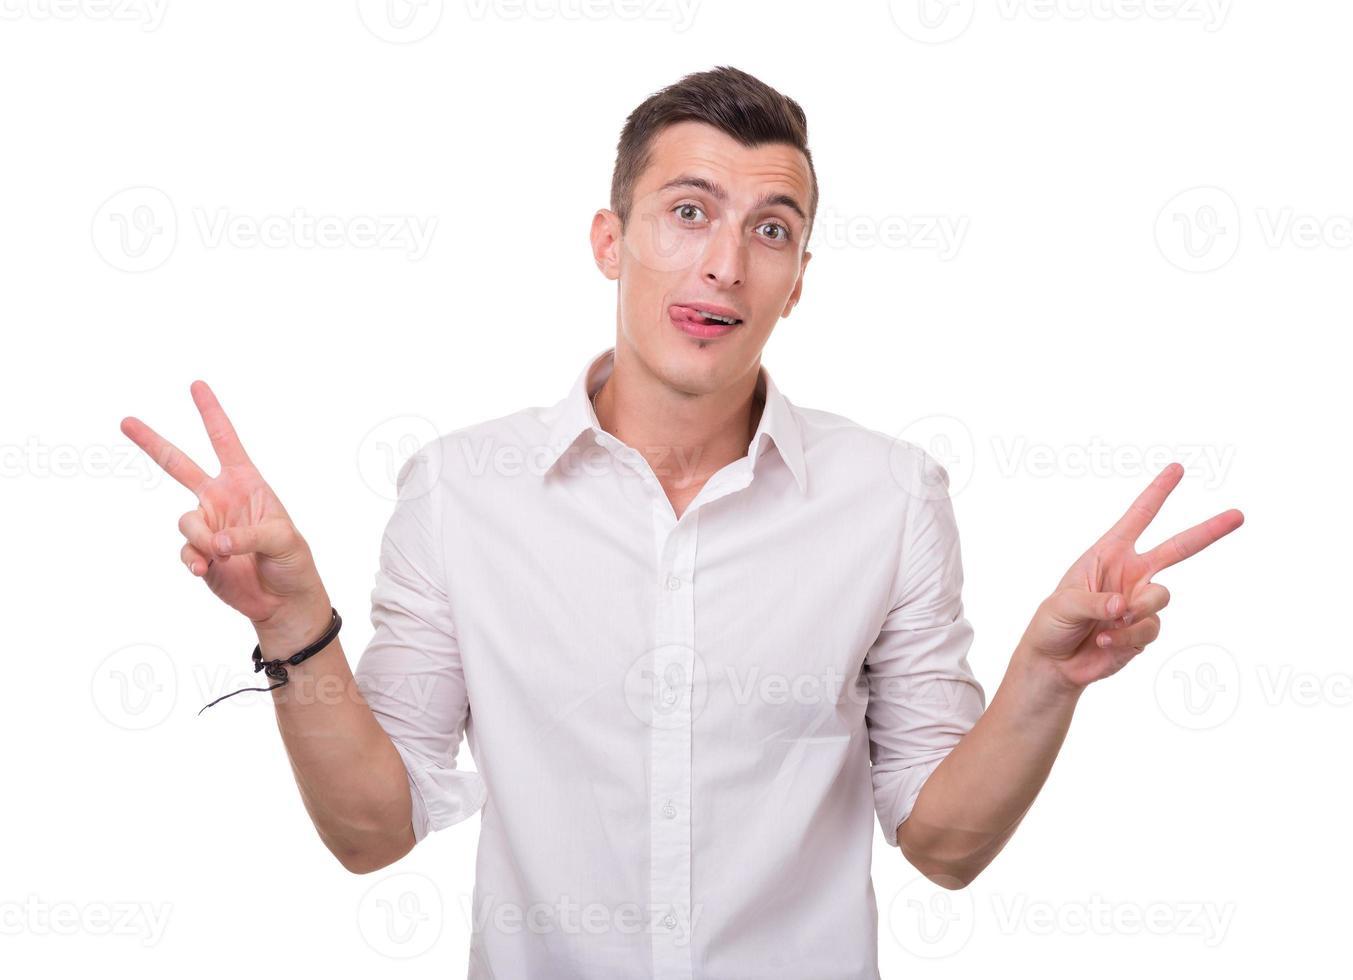 geïsoleerd portret van een energieke jonge gekke mens die van succes geniet foto